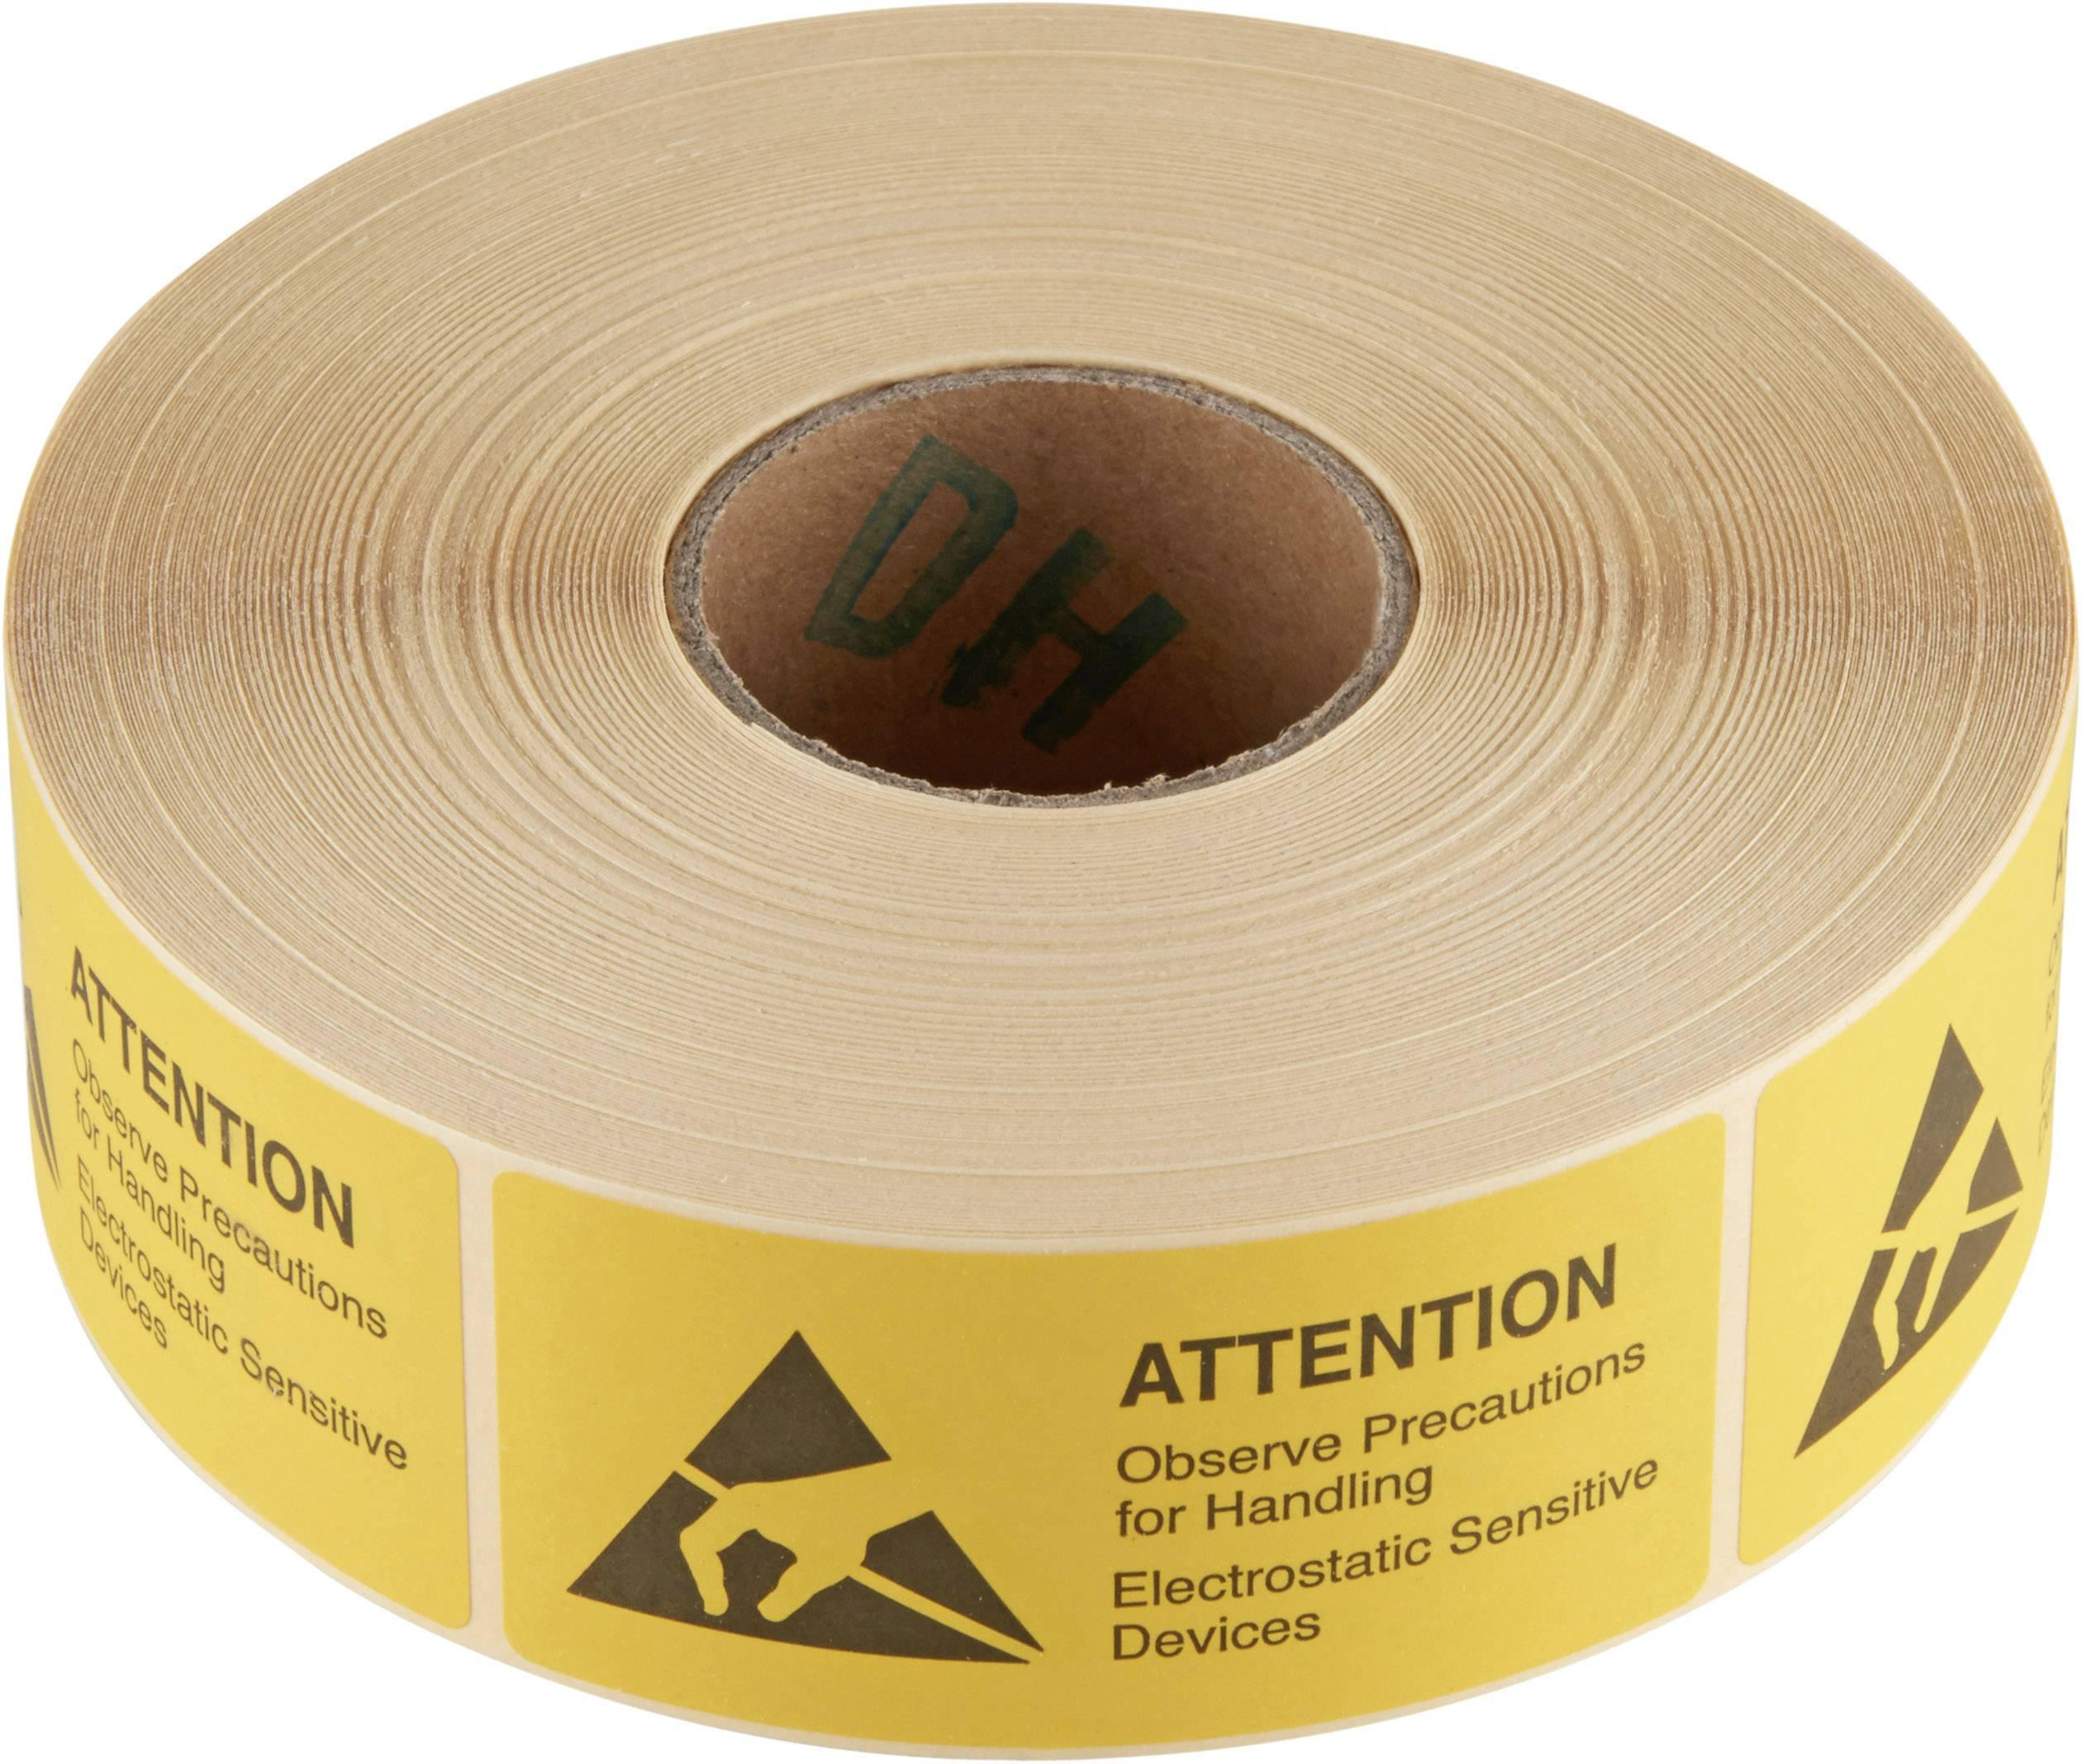 Samolepicí ESD výstražný štítek Wolfgang Warmbier 2850.3675.E, (d x š) 75 mm x 36 mm, 1000 ks, žlutá, černá